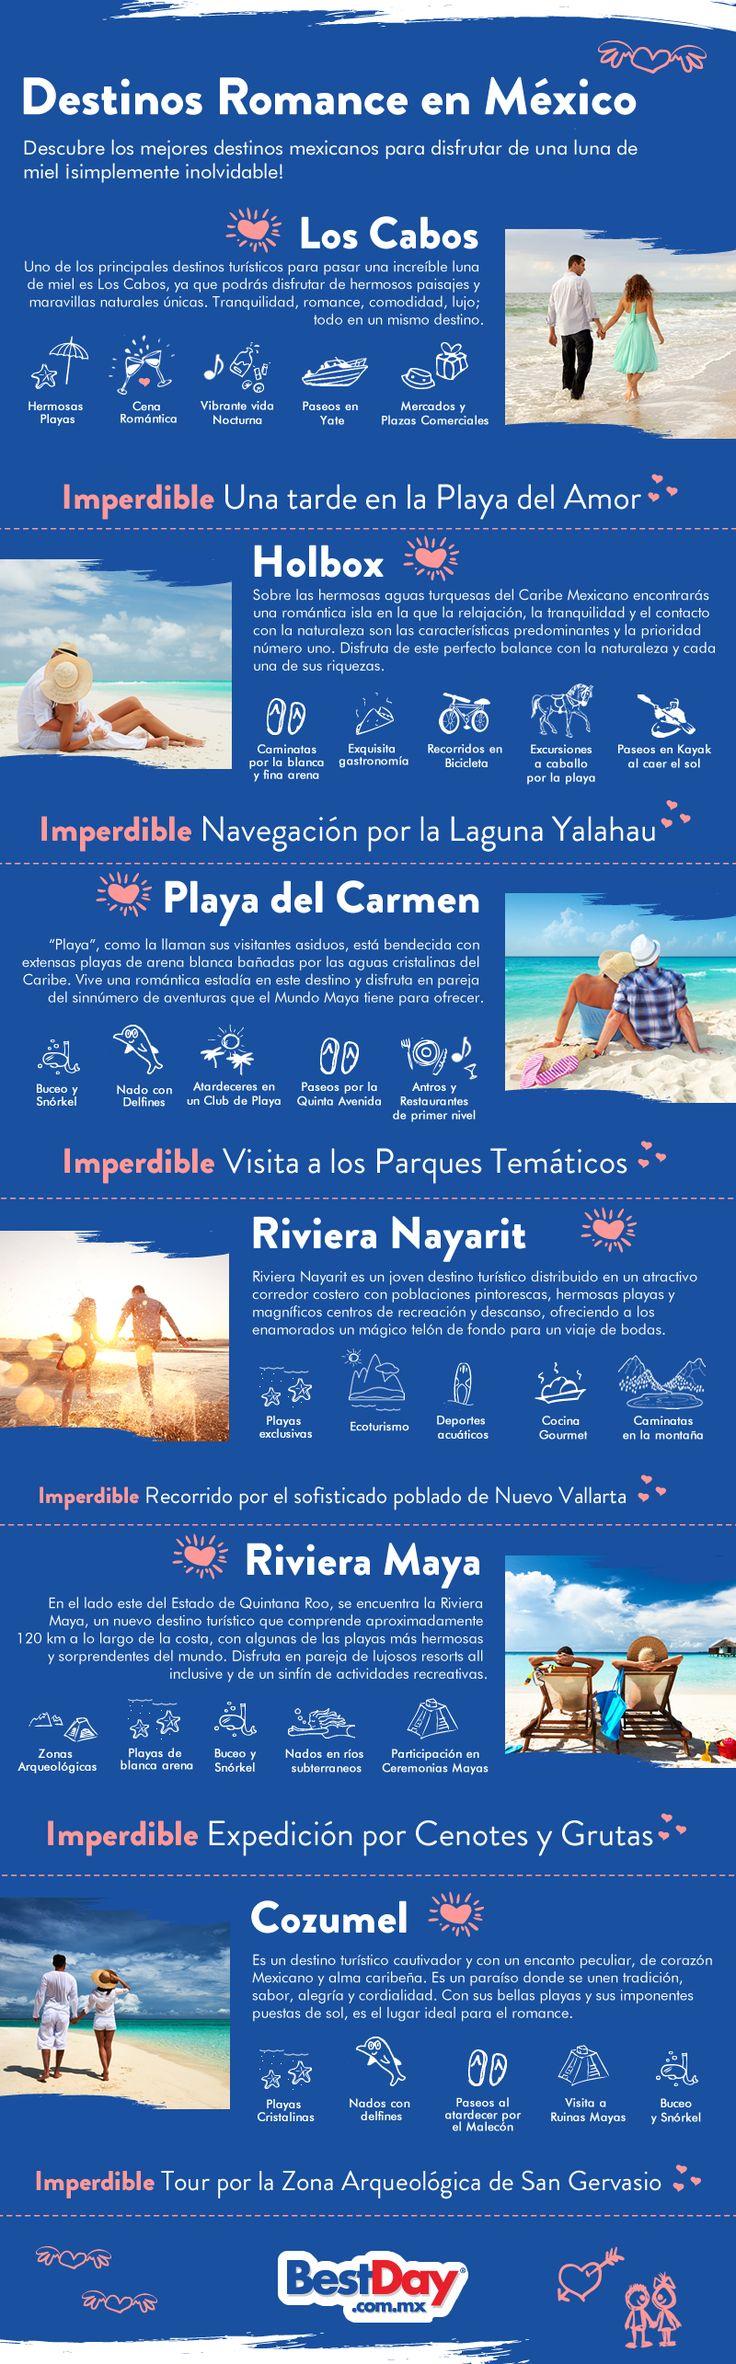 Algunos destinos de México resultan perfectos para disfrutar de una escapada romántica, por ello te compartimos esta infografía con las mejores alternativas para que vivas tu romance al mejor estilo mexicano. Prepárate para disfrutar de atardeceres únicos, para reconfortarte en lujosos hoteles, así como para vivir las más divertidas aventuras en compañía de esa persona especial para ti. ¡Vive una maravillosa experiencia en las mejores playas mexicanas! #OjalaEstuvierasAqui #BestDay